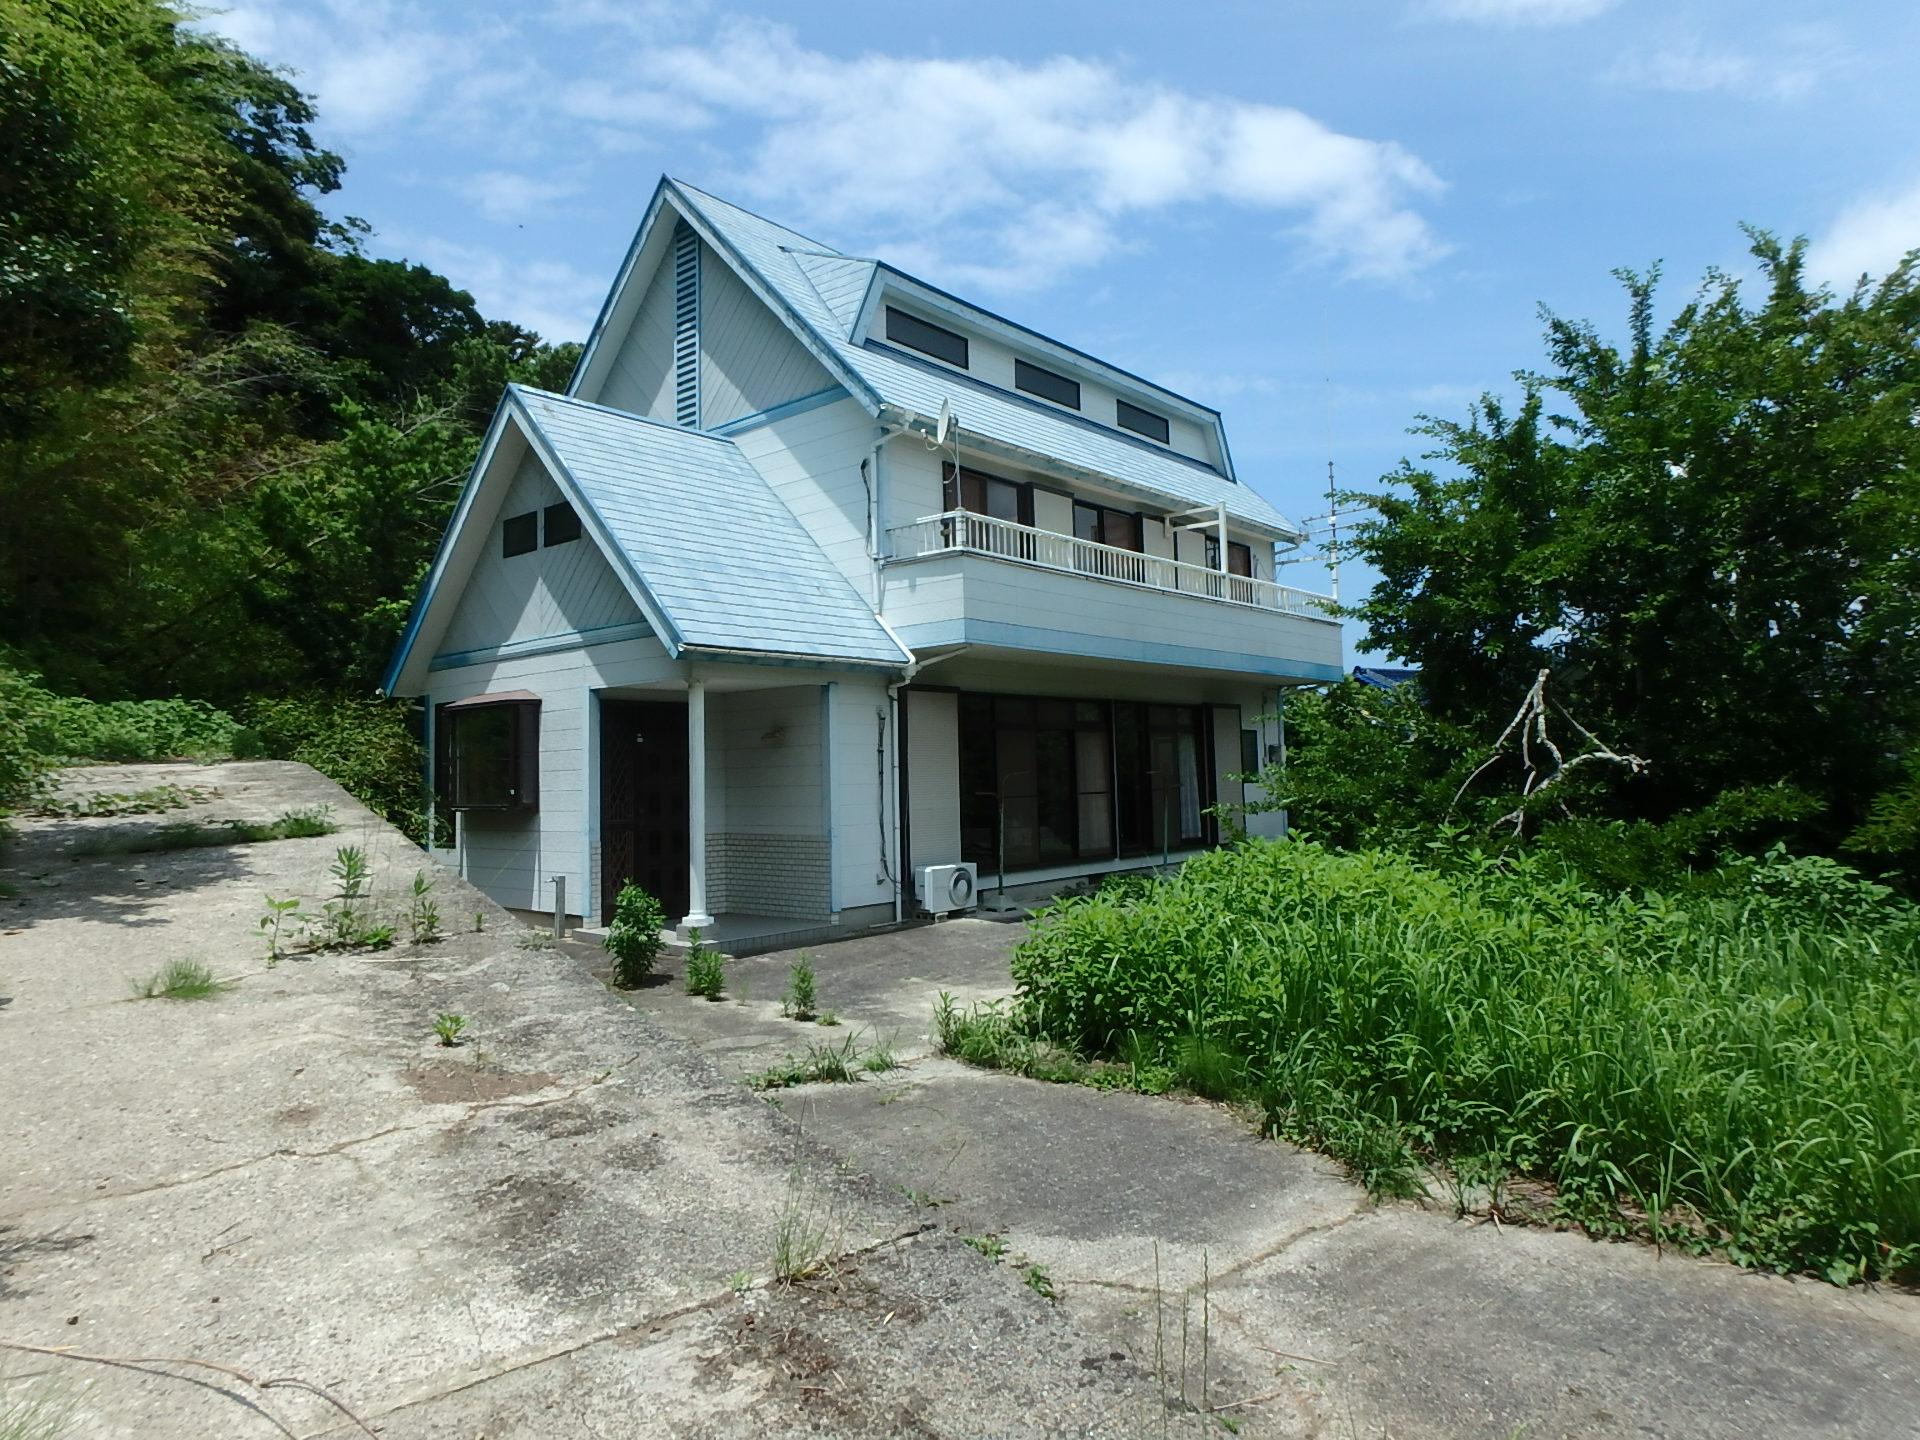 千葉県鋸南町下佐久間の不動産 別荘、保養所物件